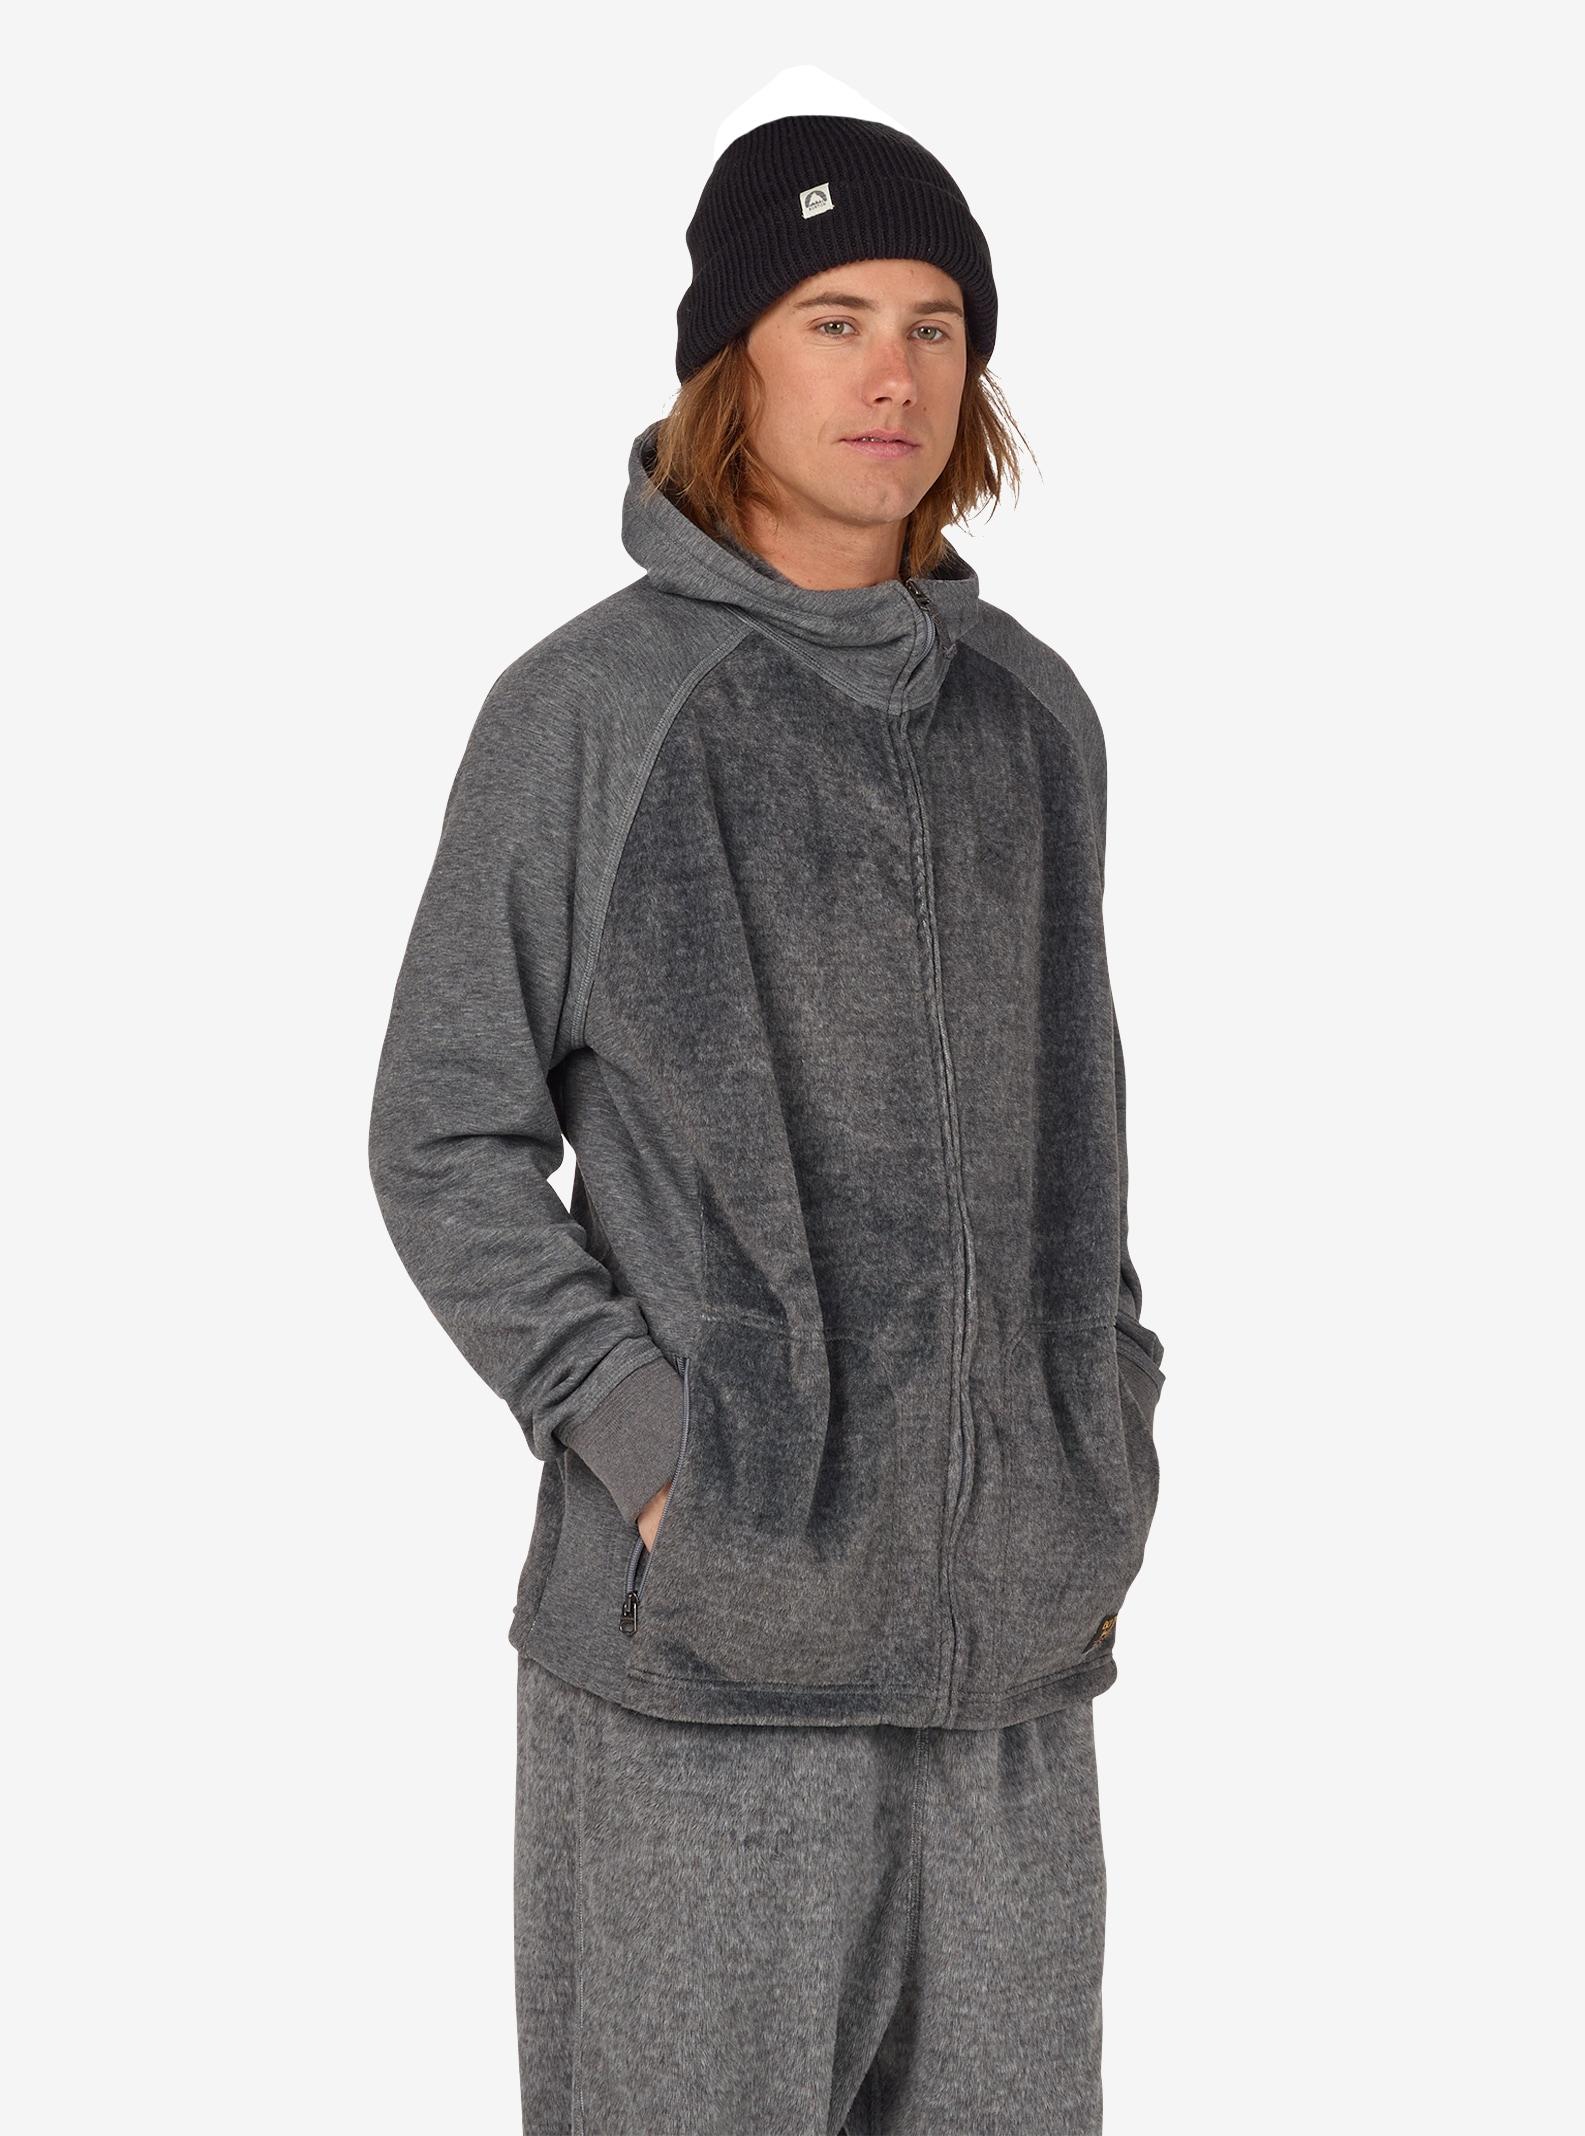 Men's Burton Rolston Full-Zip Fleece shown in Gray Heather